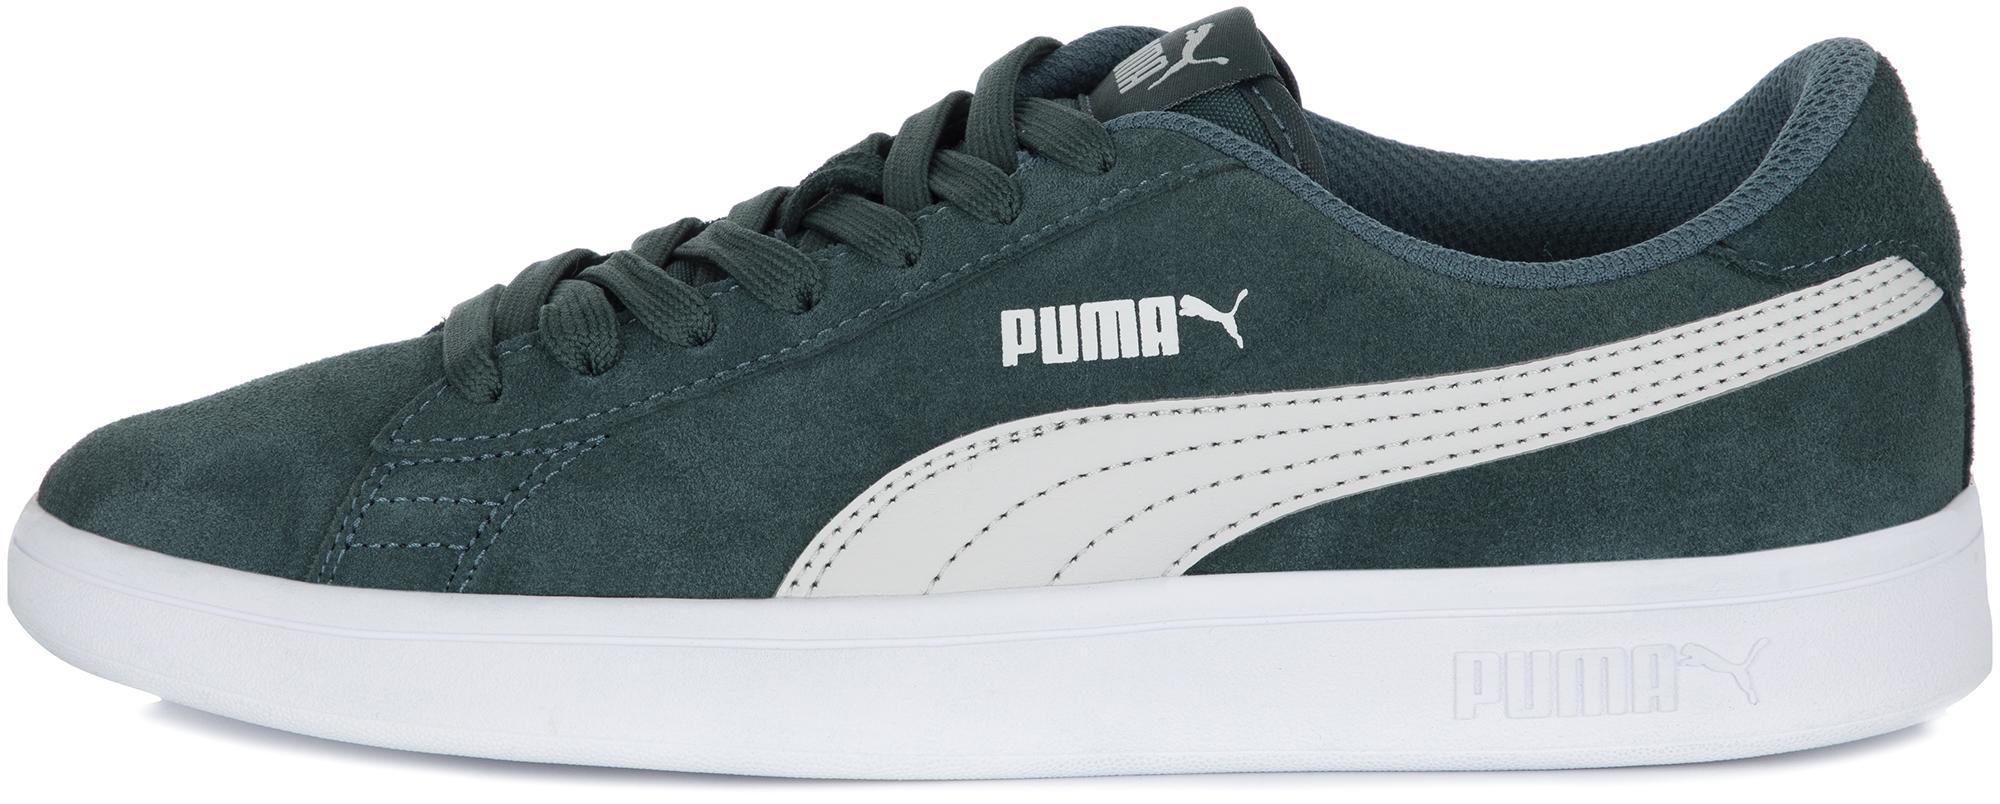 цена Puma Кеды для мальчиков Puma Smash v2 SD, размер 34,5 онлайн в 2017 году